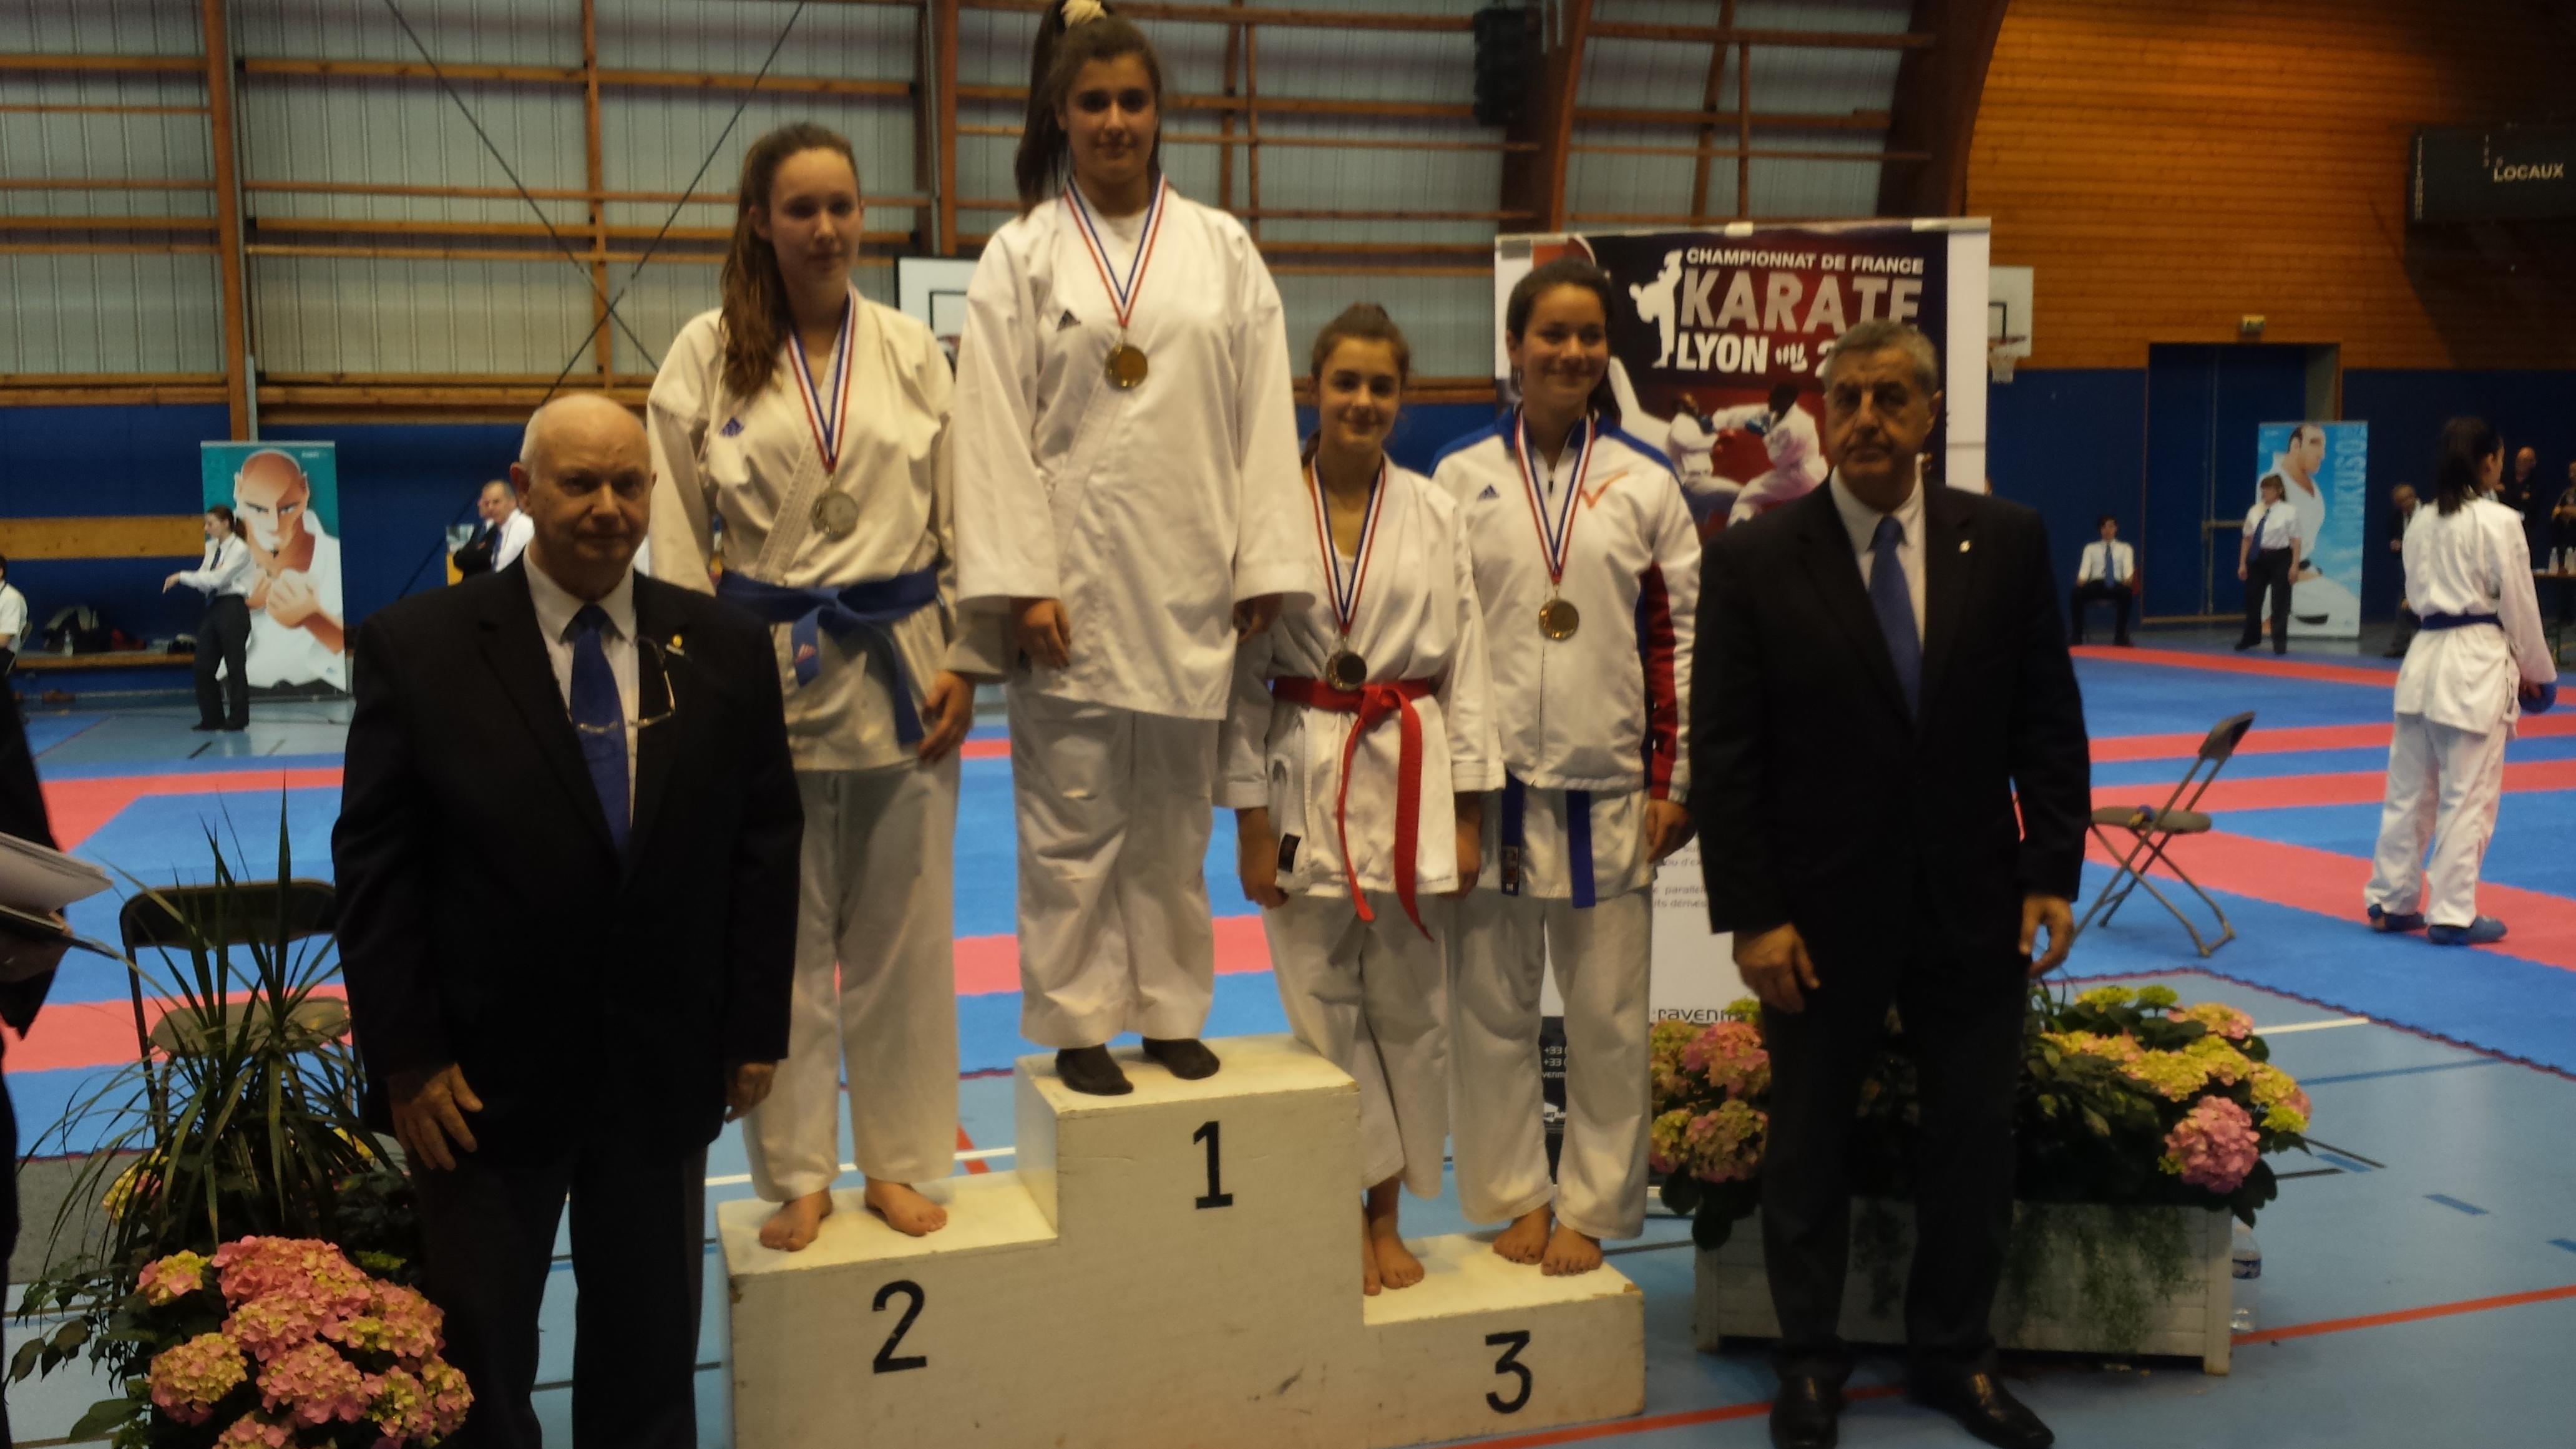 Championnats de France de Karaté